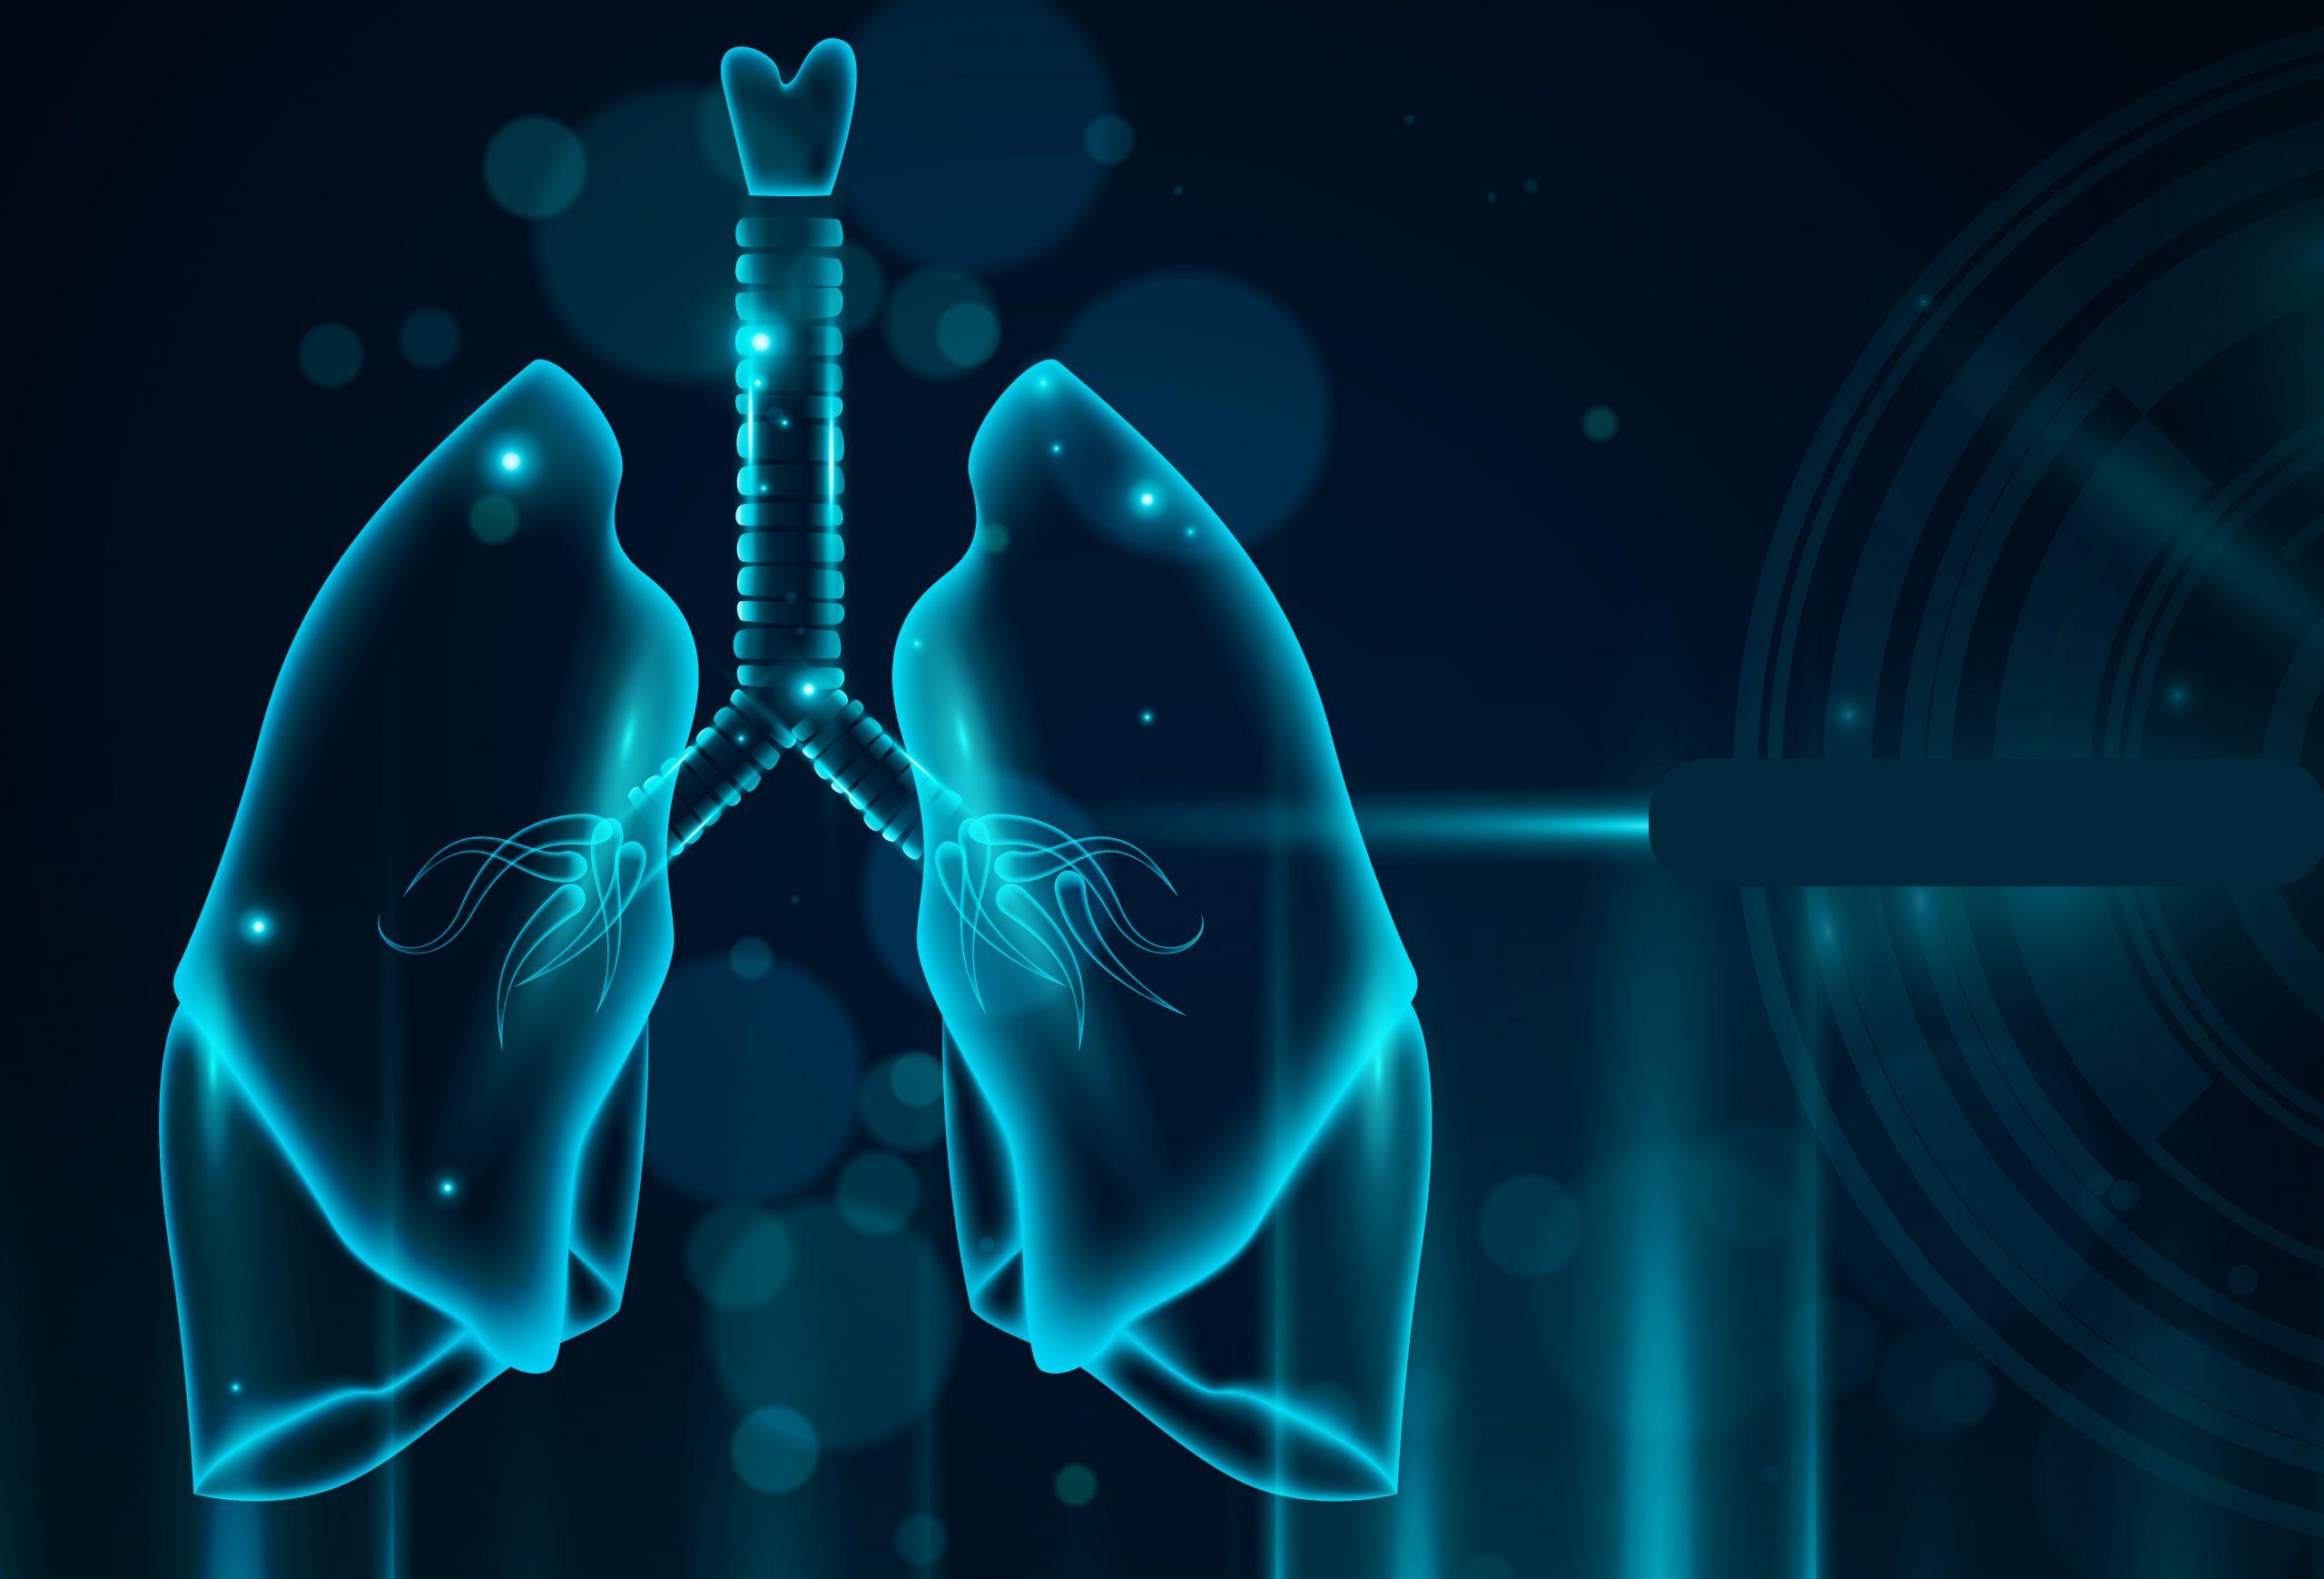 東亞第一個非吸菸肺腺癌深度蛋白體學綜觀研究!早期診斷和治療大進展!